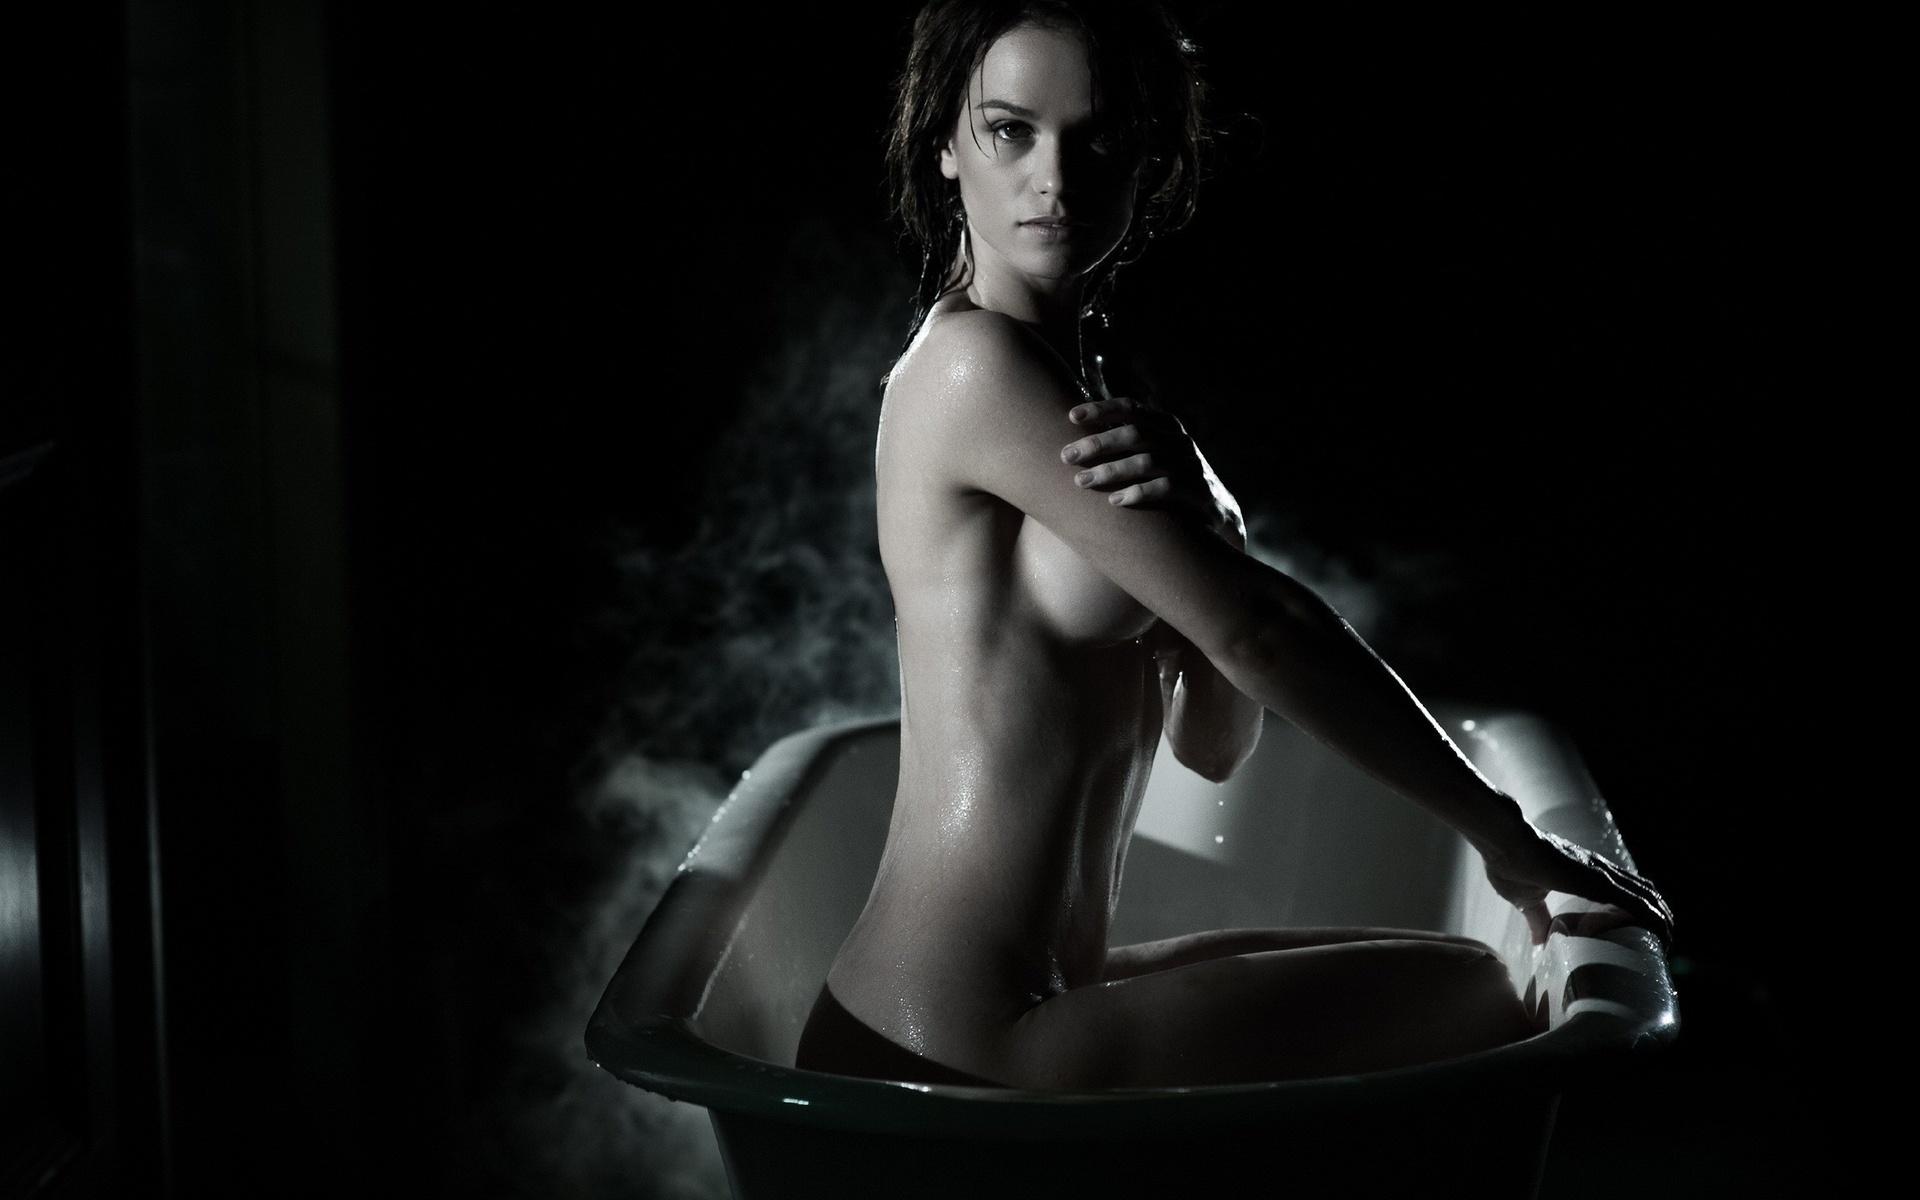 девушка, брюнетка, тело, мокрая, черный, серый